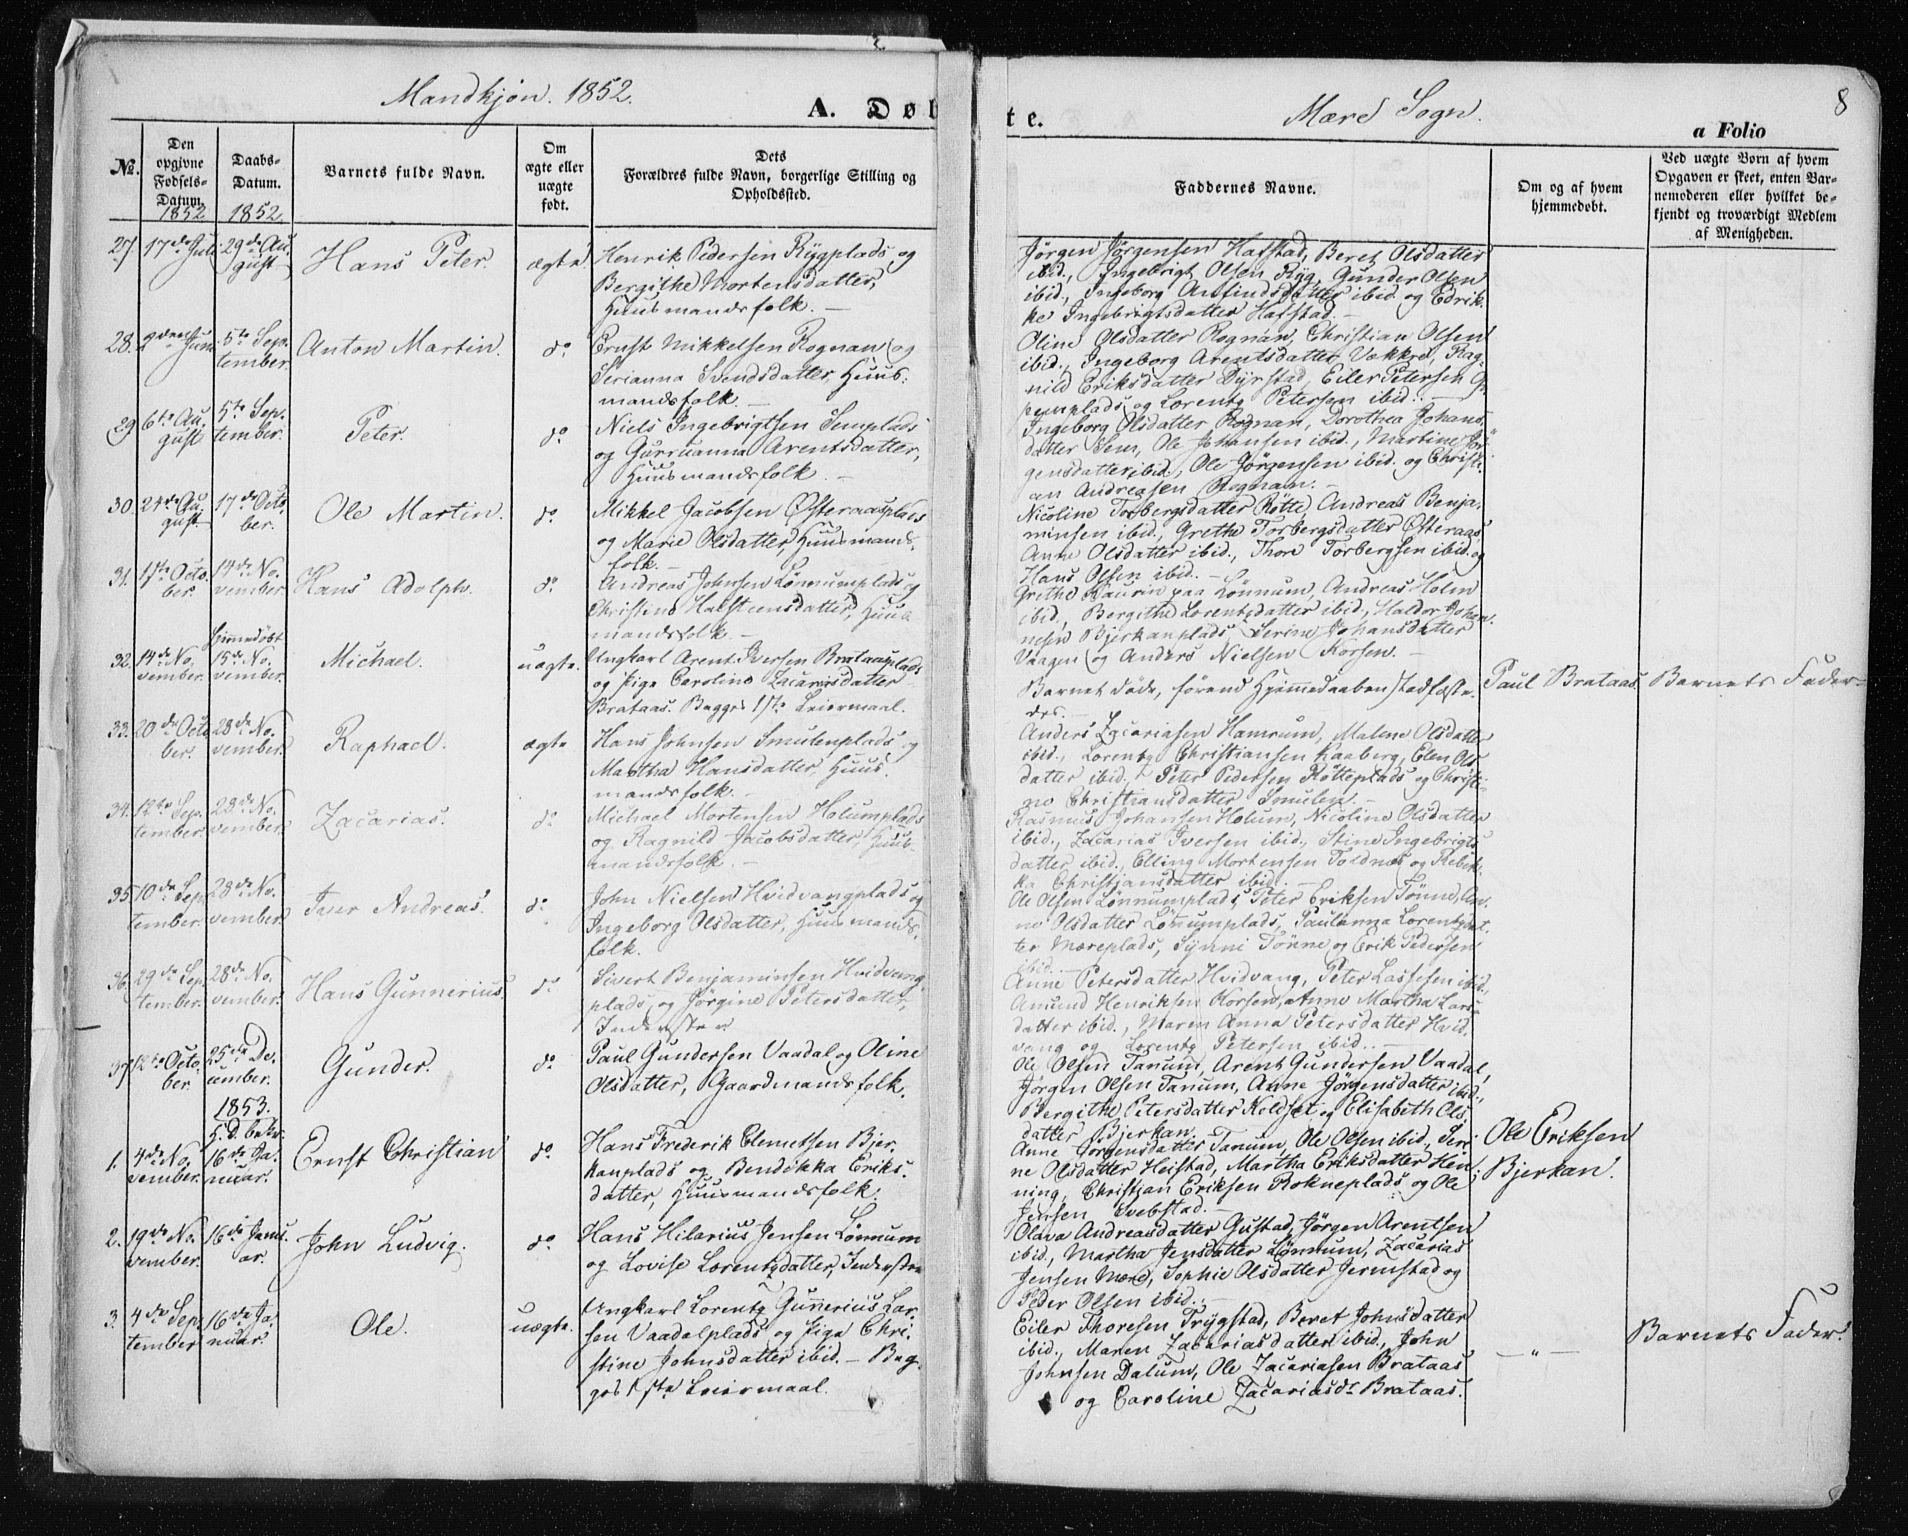 SAT, Ministerialprotokoller, klokkerbøker og fødselsregistre - Nord-Trøndelag, 735/L0342: Ministerialbok nr. 735A07 /1, 1849-1862, s. 8